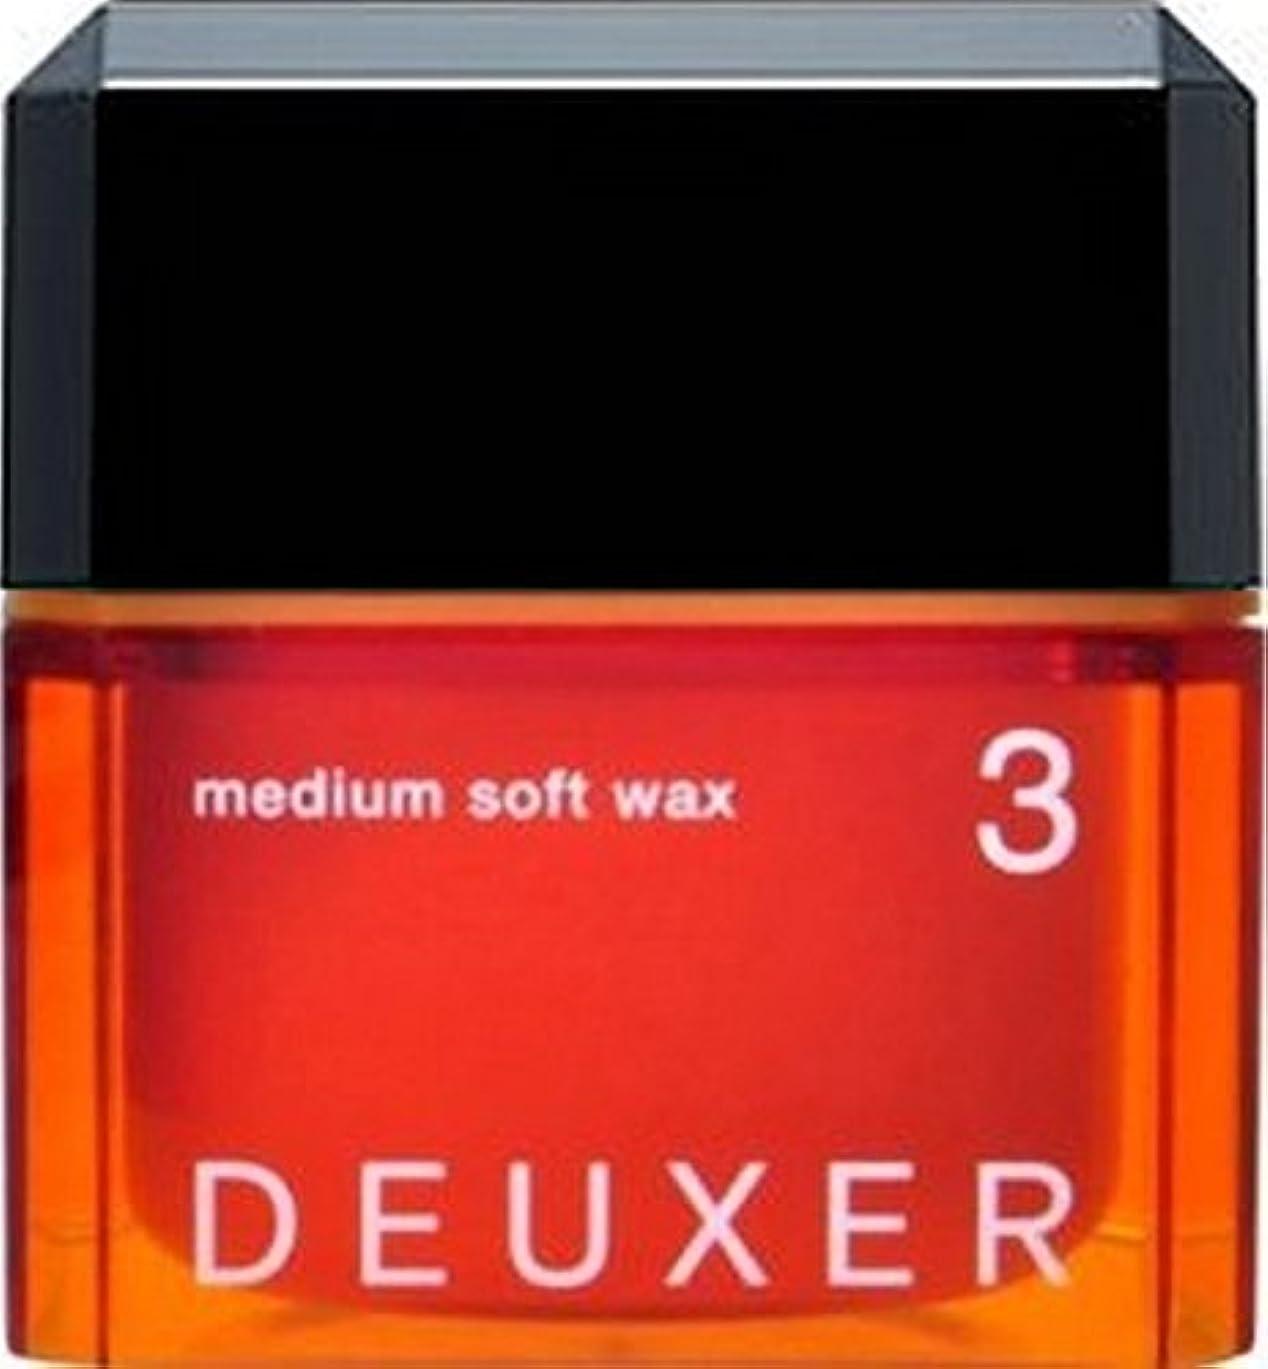 概してファイル技術者デューサー 3 ミディアムソフト ワックス 80g 【ナンバースリー】